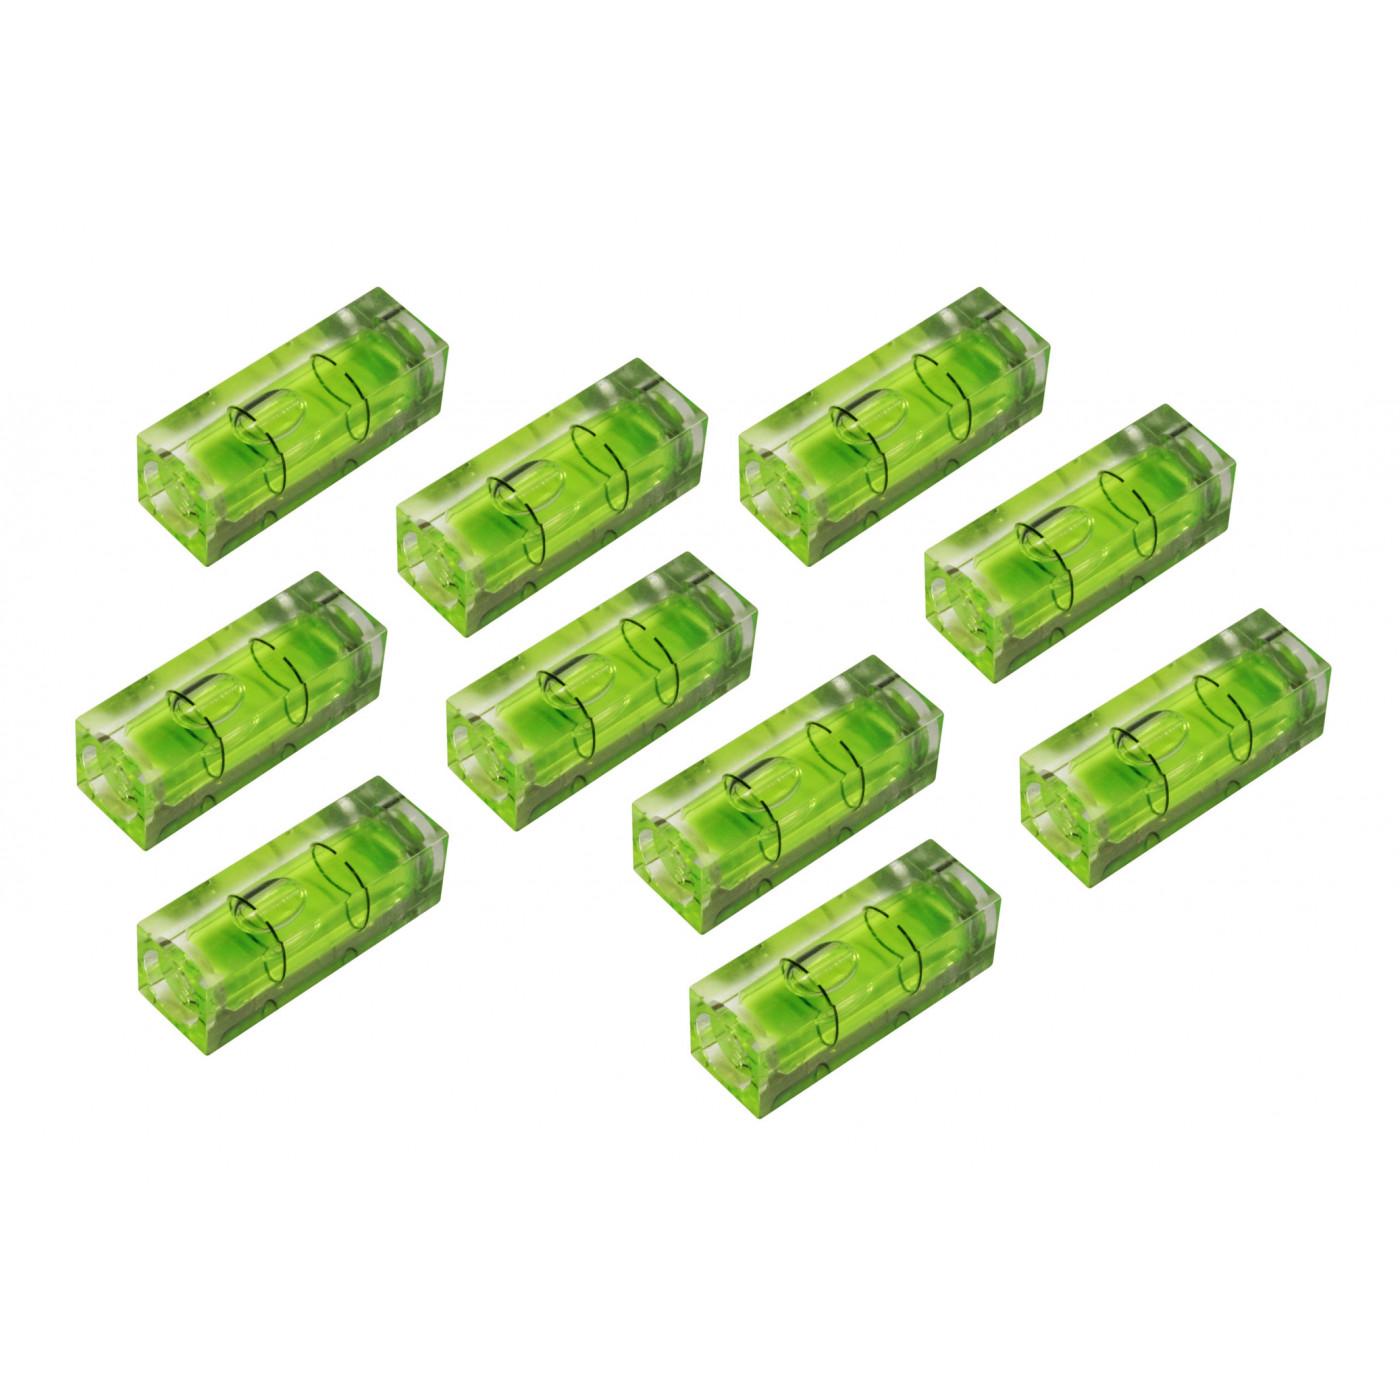 Zestaw 10 fiolek 10 x 10 x 29 mm, zielony  - 1